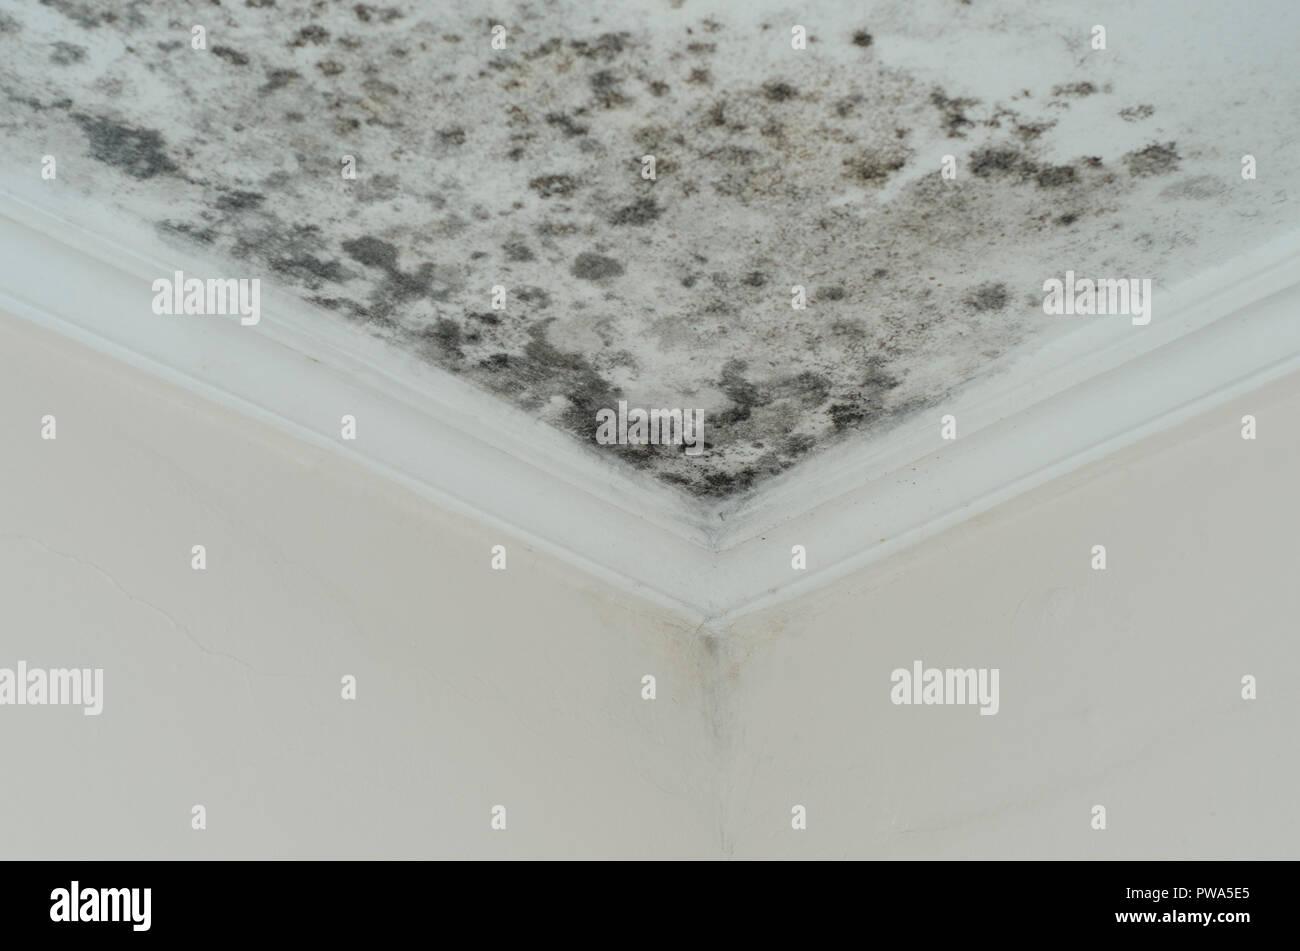 Schimmel Schimmel Schäden Haus Decke Stockfoto, Bild: 222114653 - Alamy